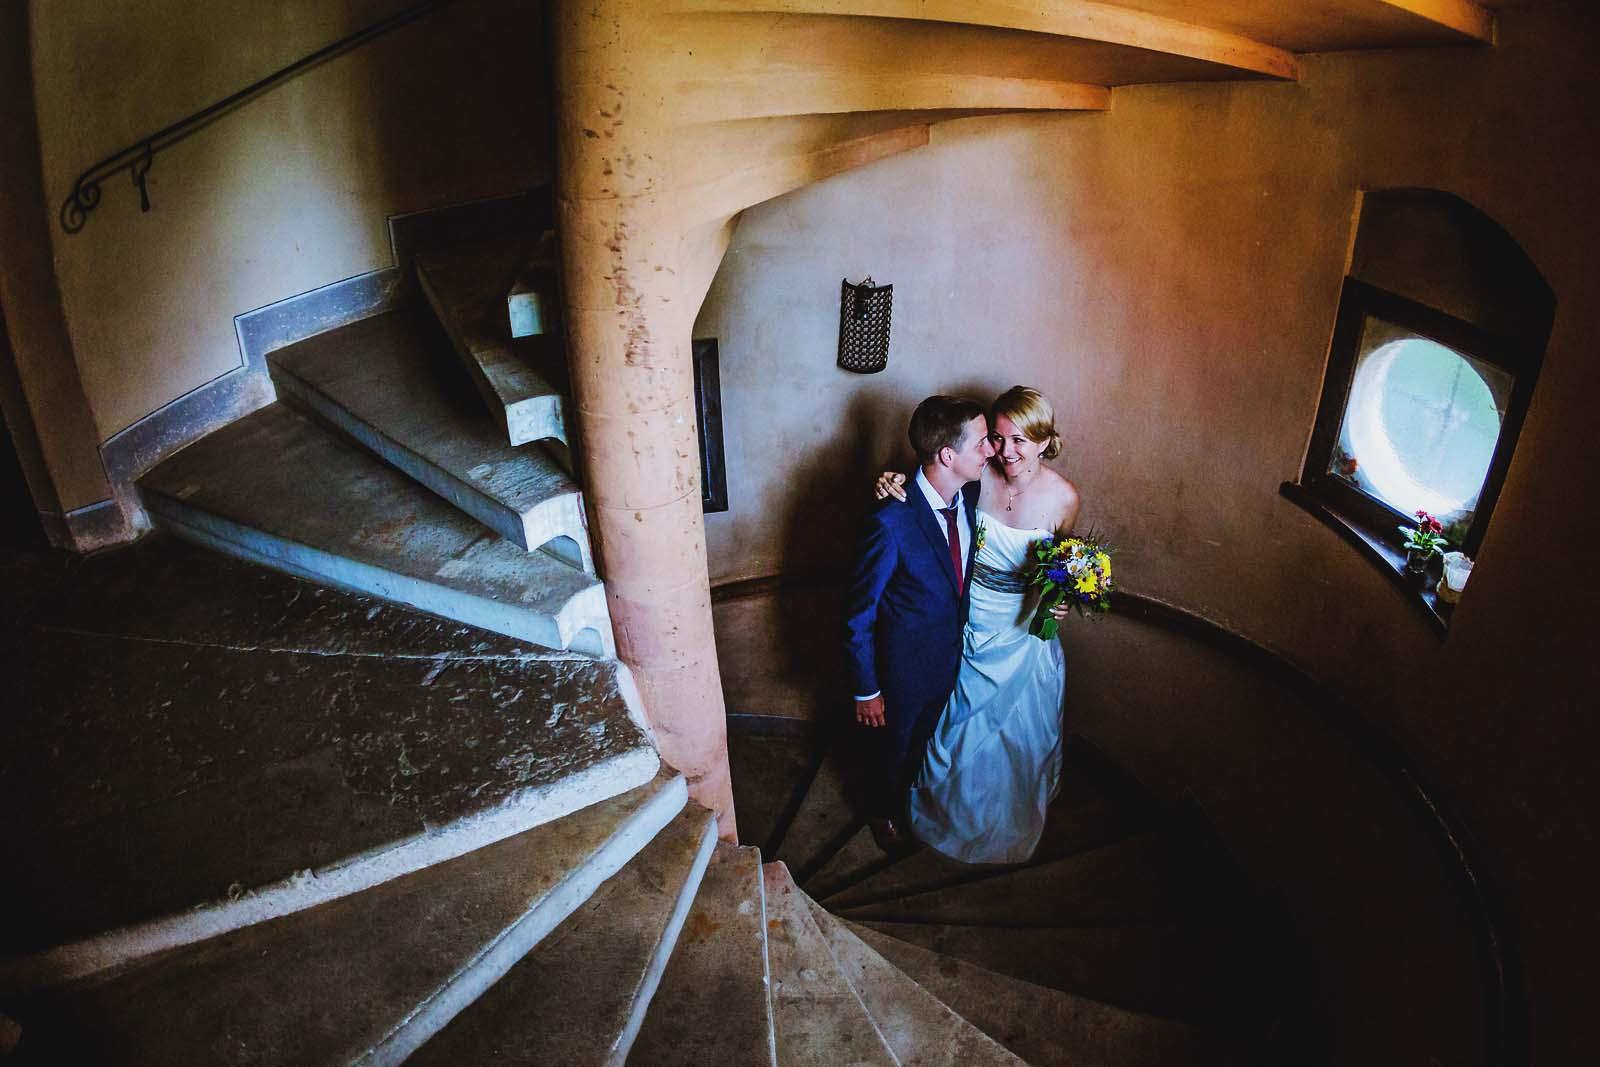 Hochzeitsfotograf Dresden beim Fotoshooting im Schloss Scharfenberg Copyright by Hochzeitsfotograf www.berliner-hochzeitsfotografie.de